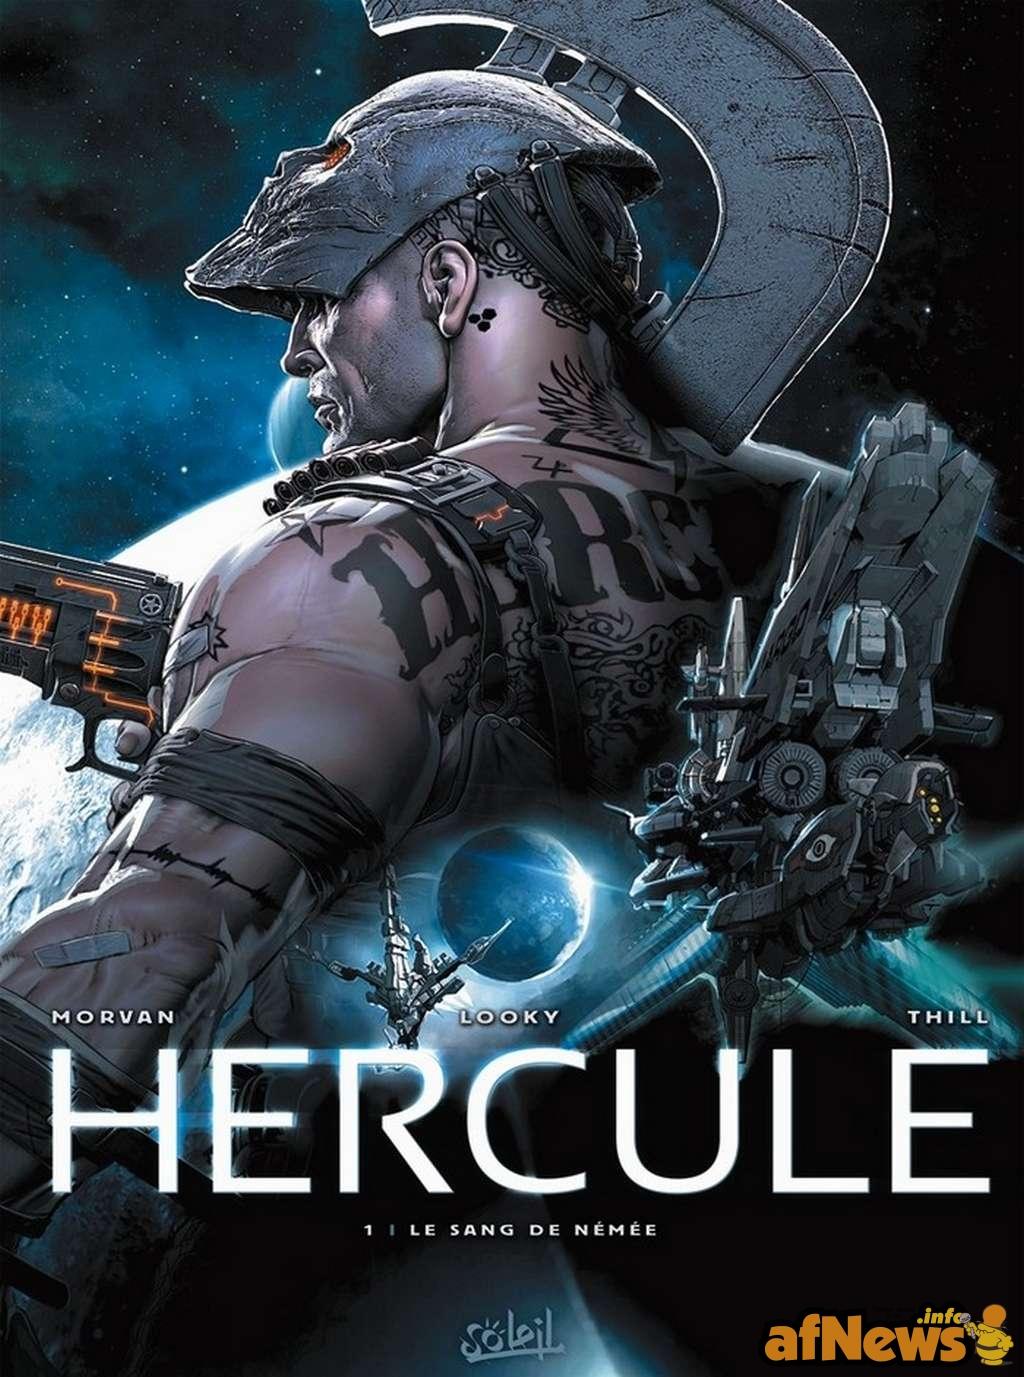 Hercule réalisé par Looky (co-fondateur de la cour des Miracles)